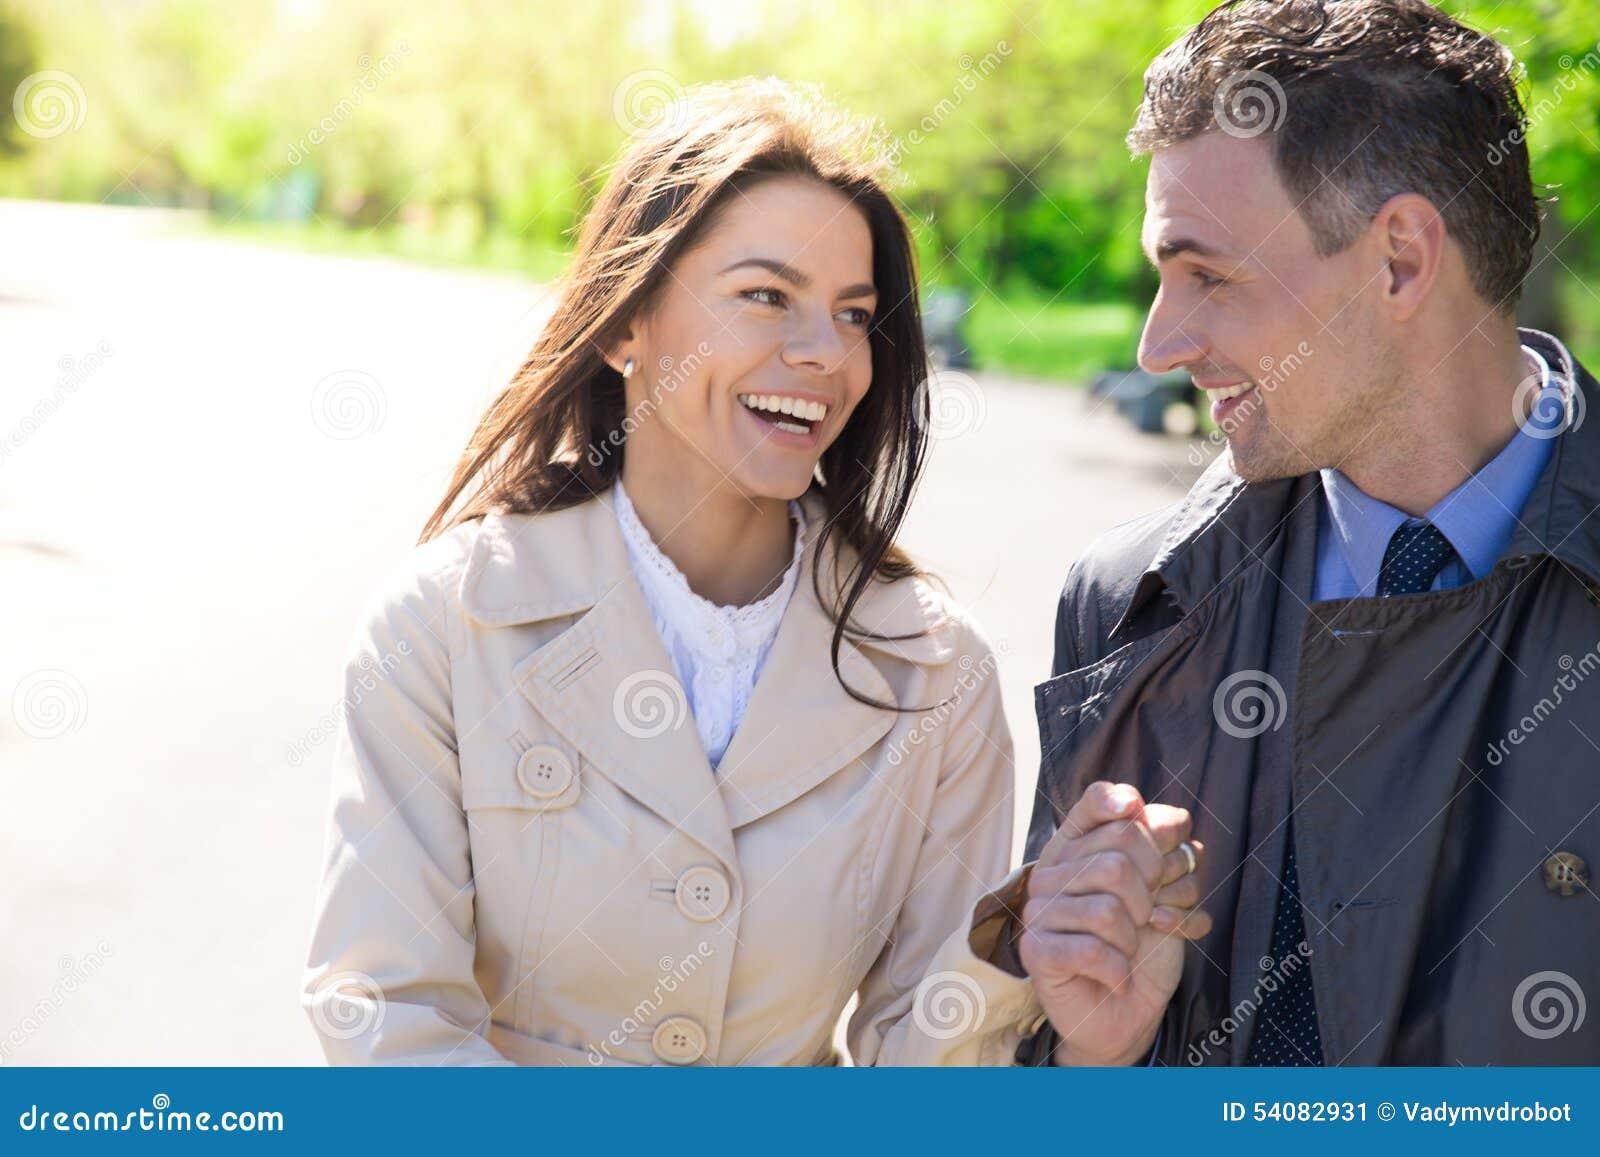 Portret van een gelukkig paar in openlucht